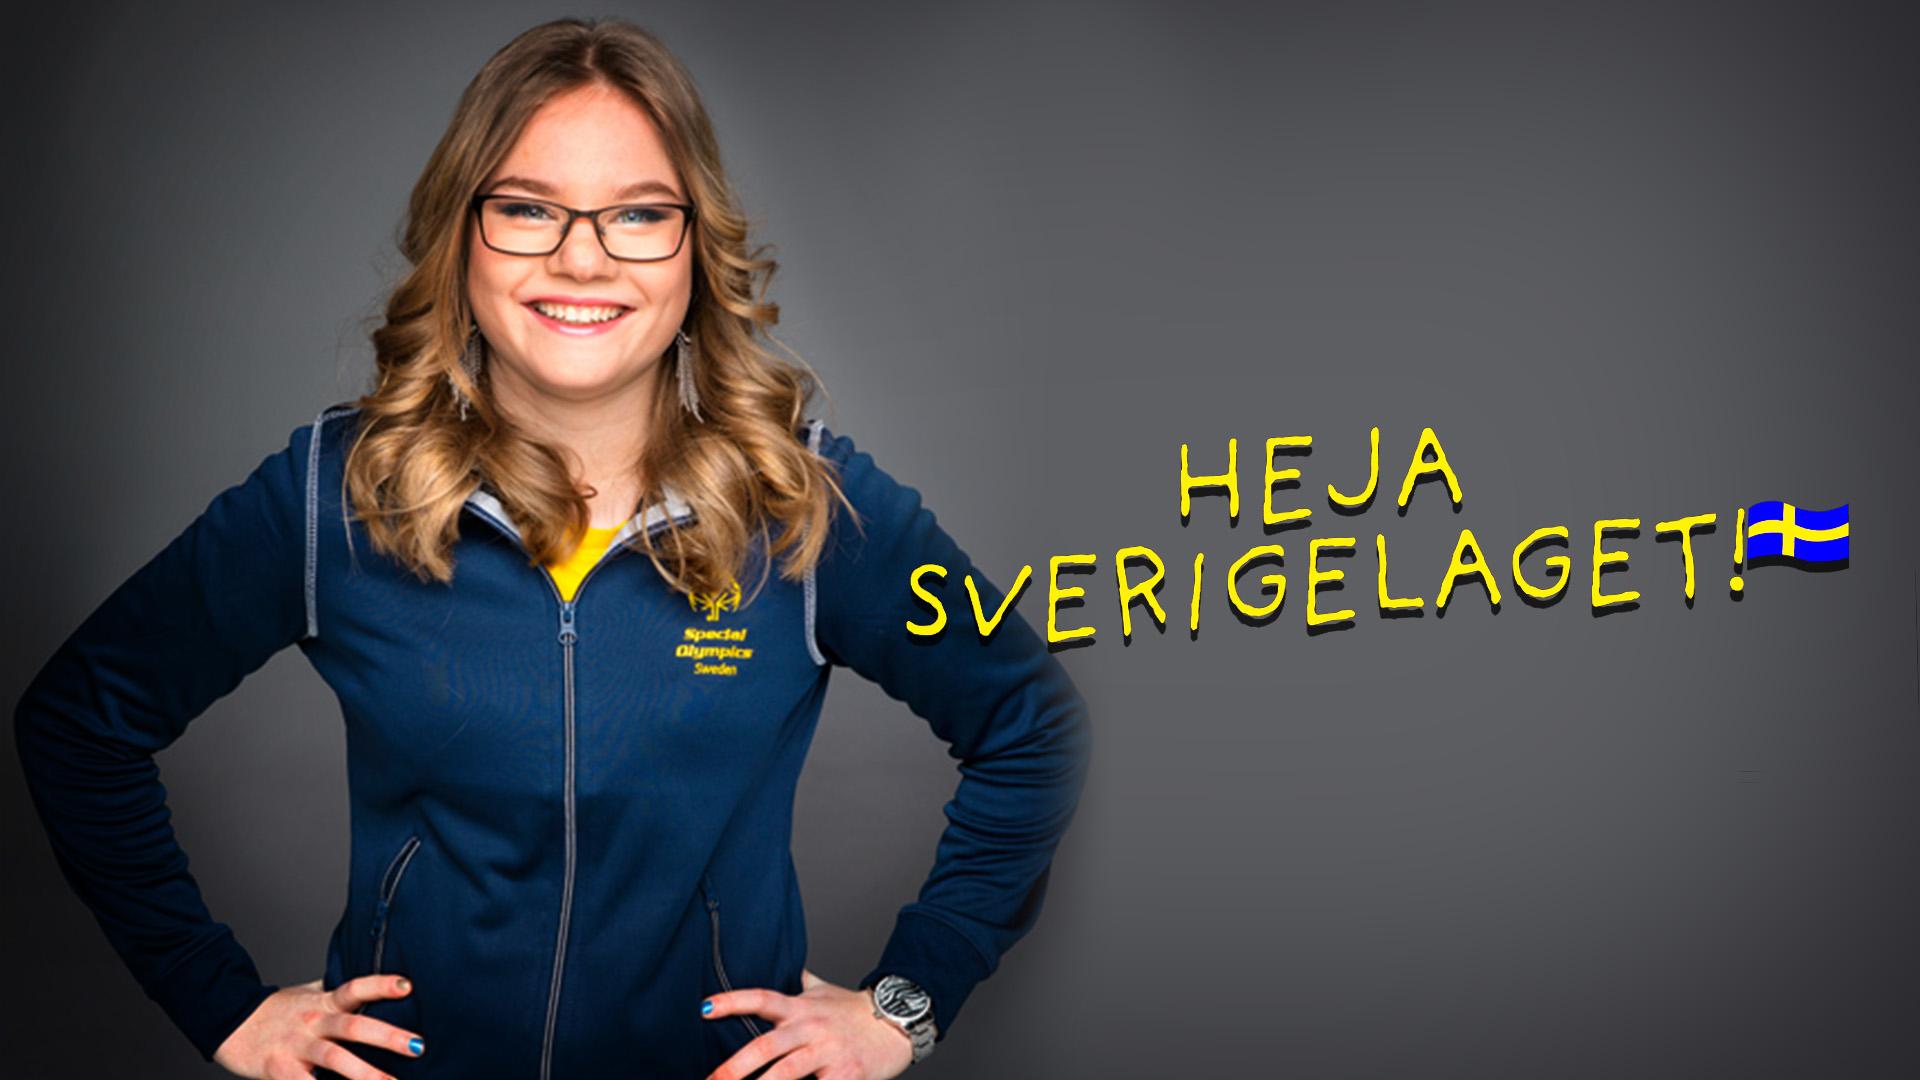 Lille Ruoskanen är en av idrottarna som tittarna får följa i tv-serien Heja Sverigelaget!.